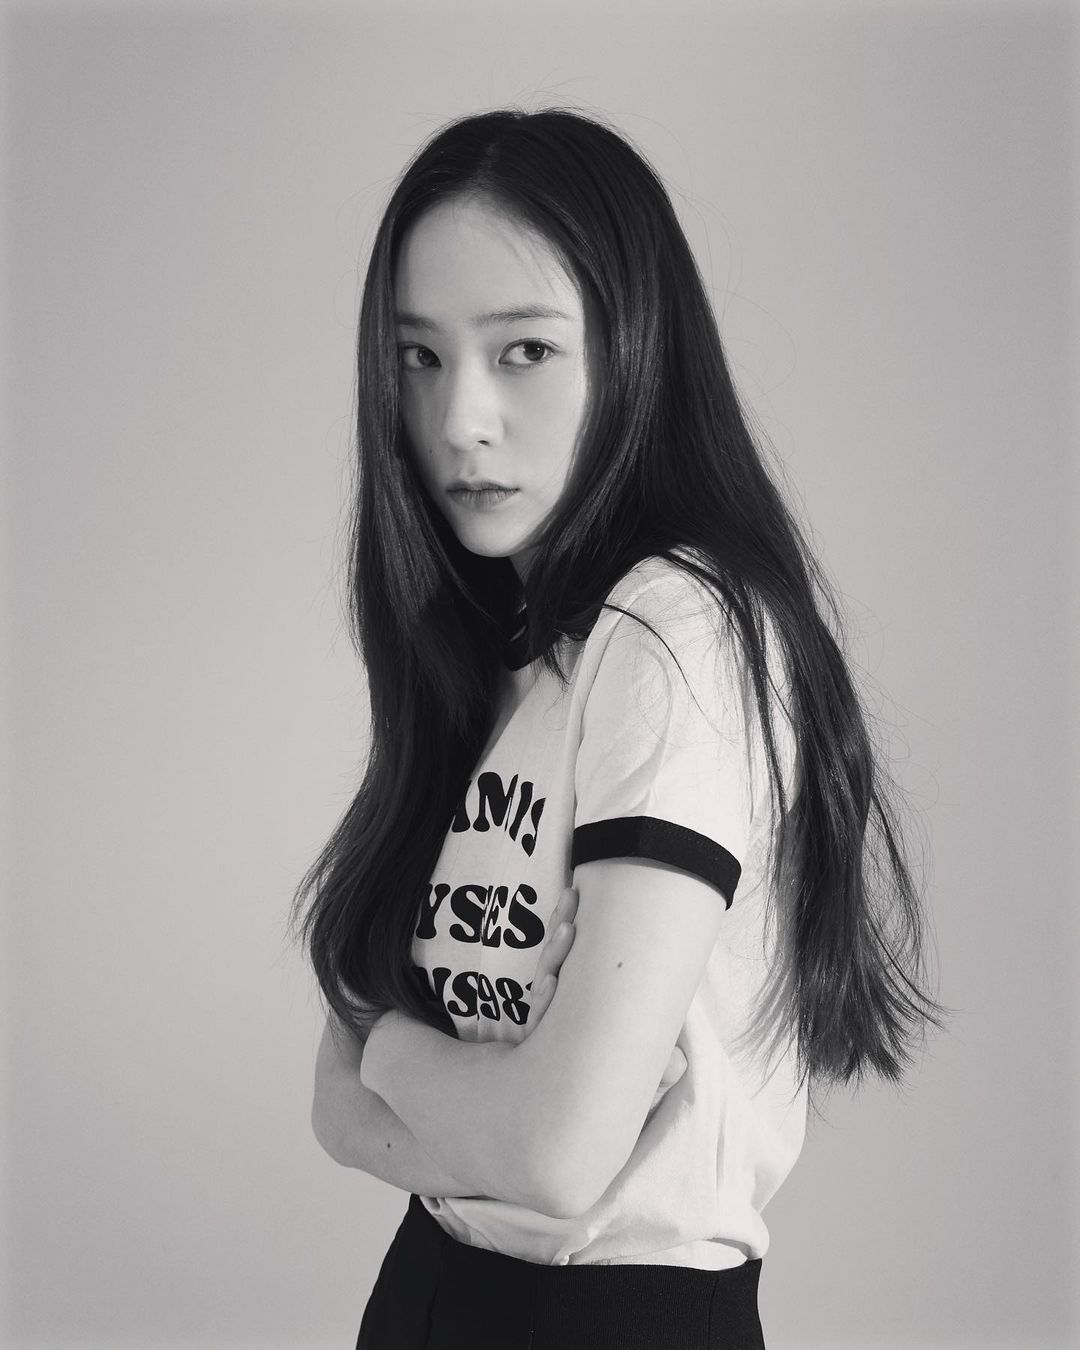 Sao Hàn diện đồ Zara từ street style lên sàn diễn: Xinh nhất là áo phông chỉ hơn 200k của Krystal - Ảnh 1.